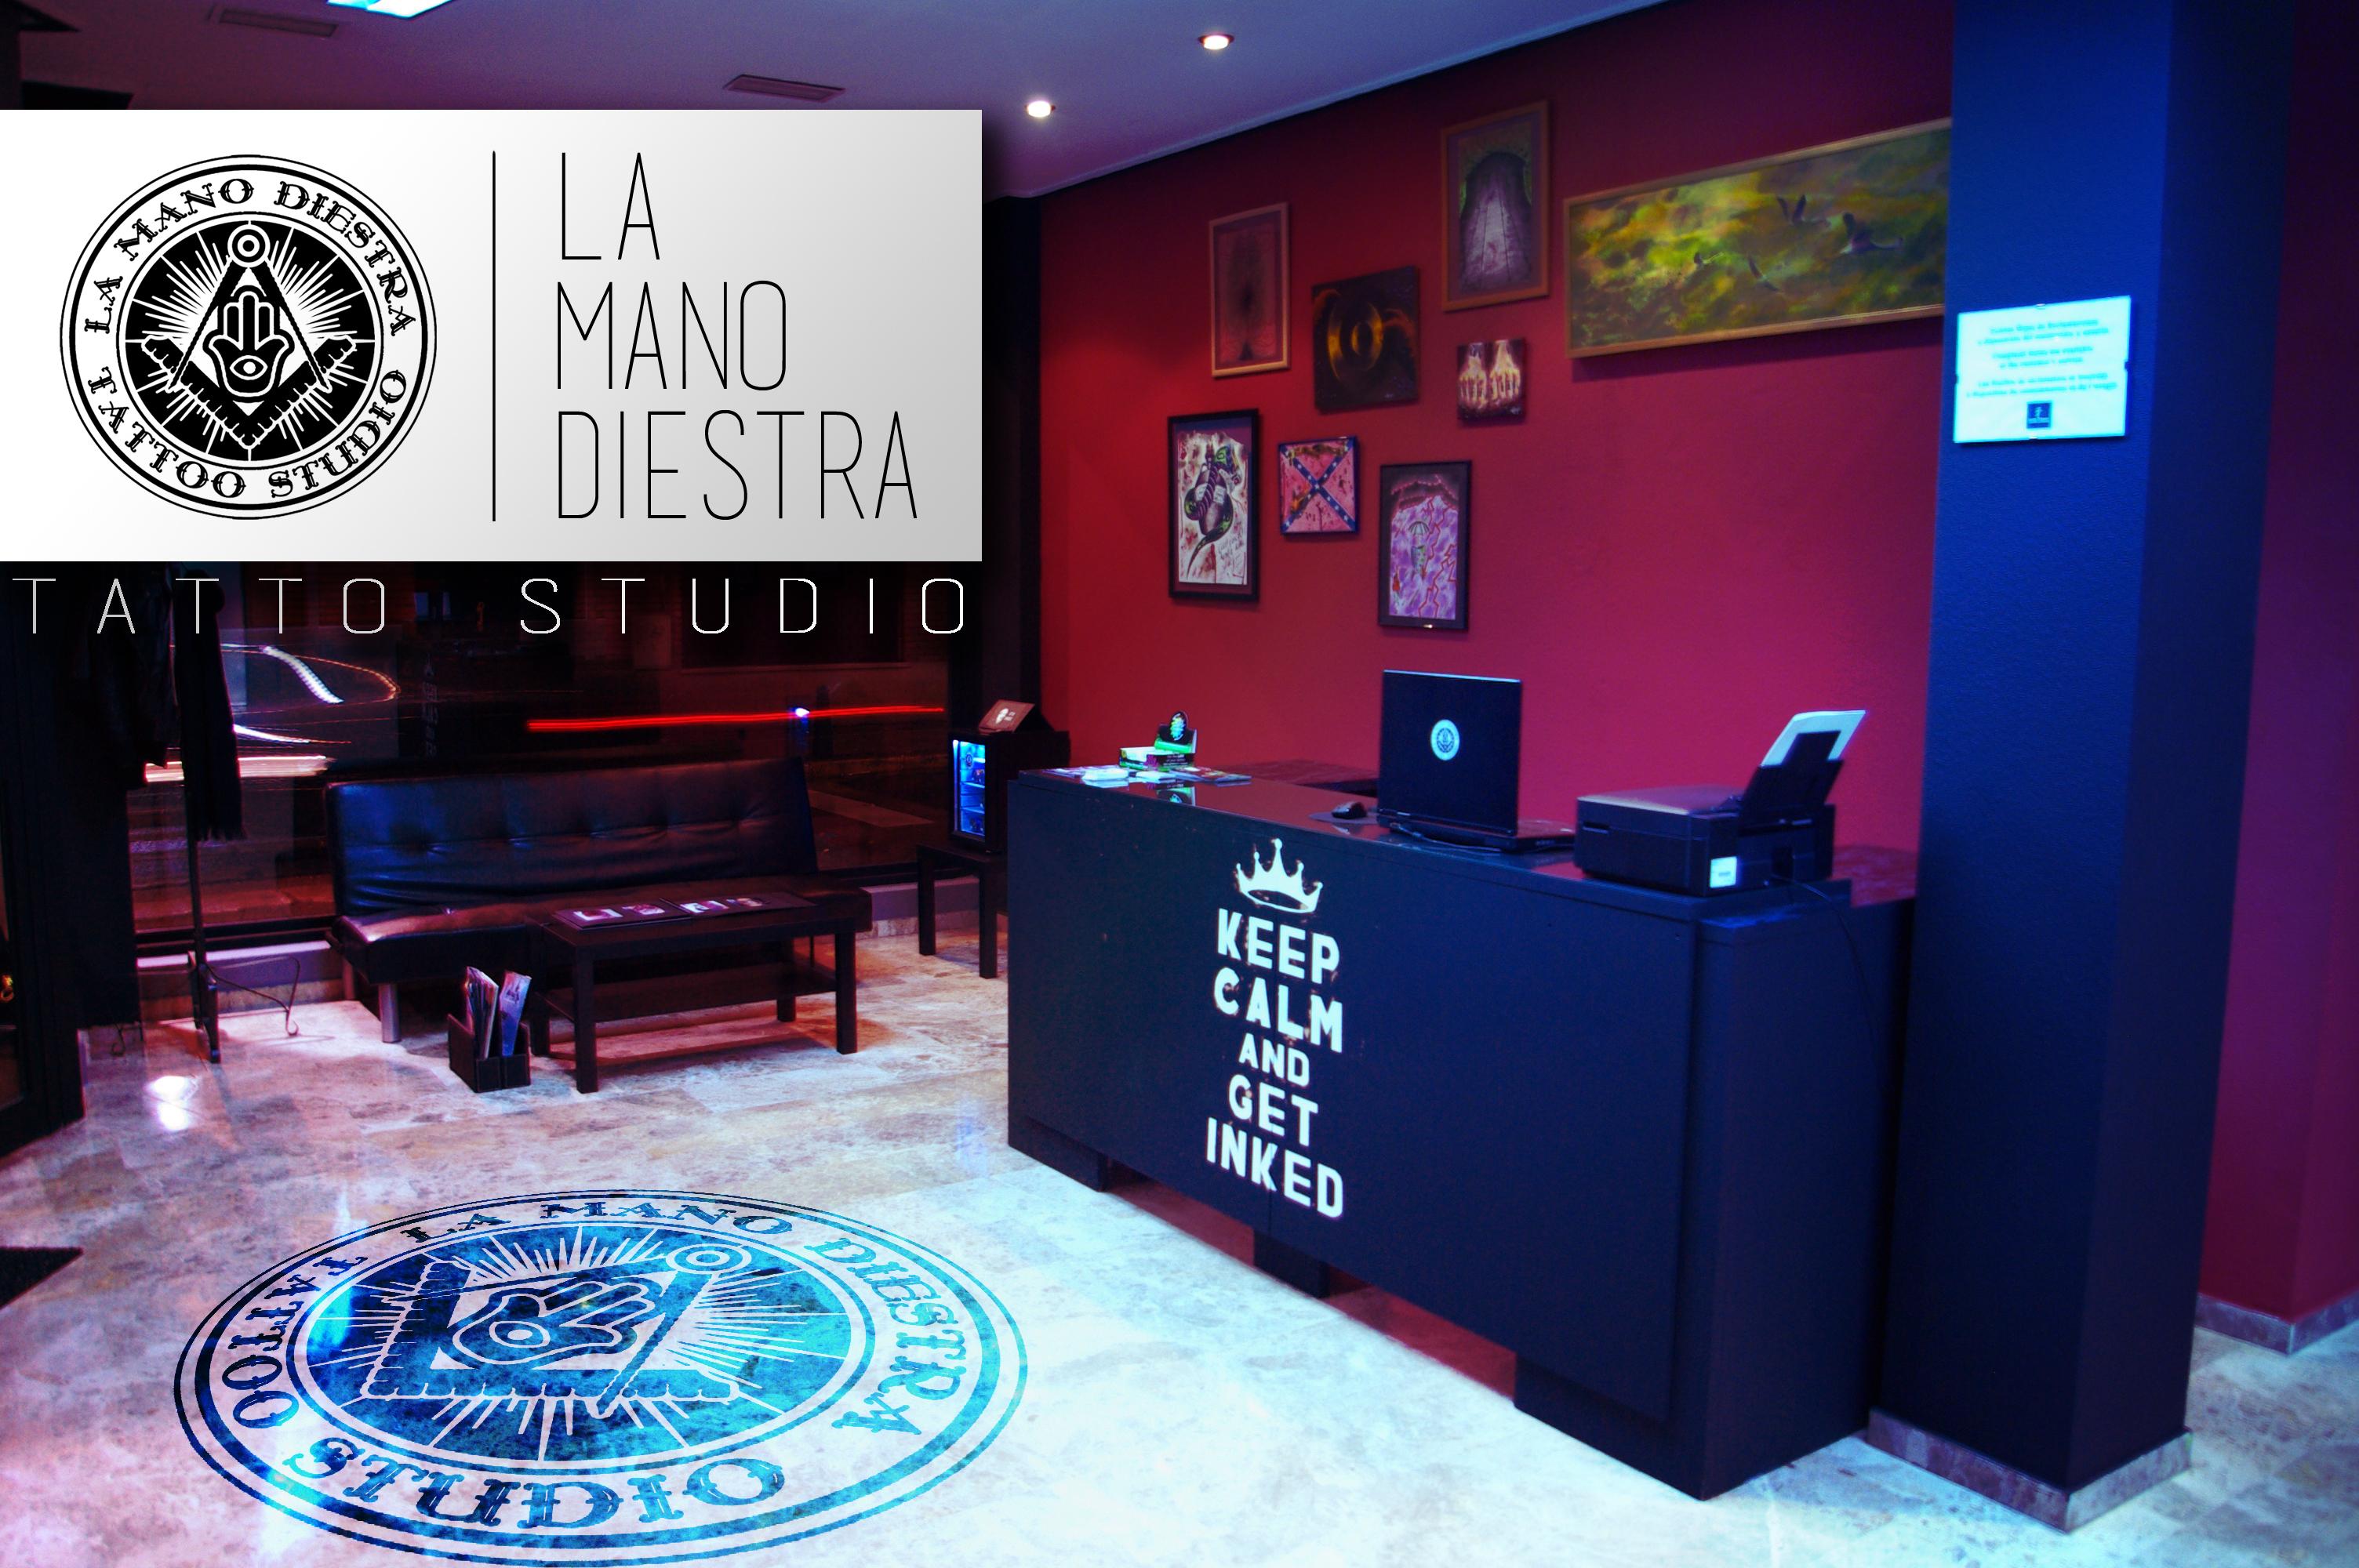 La mano diestra tattoo studio estudio de tatuajes en for Los mejores disenos de interiores